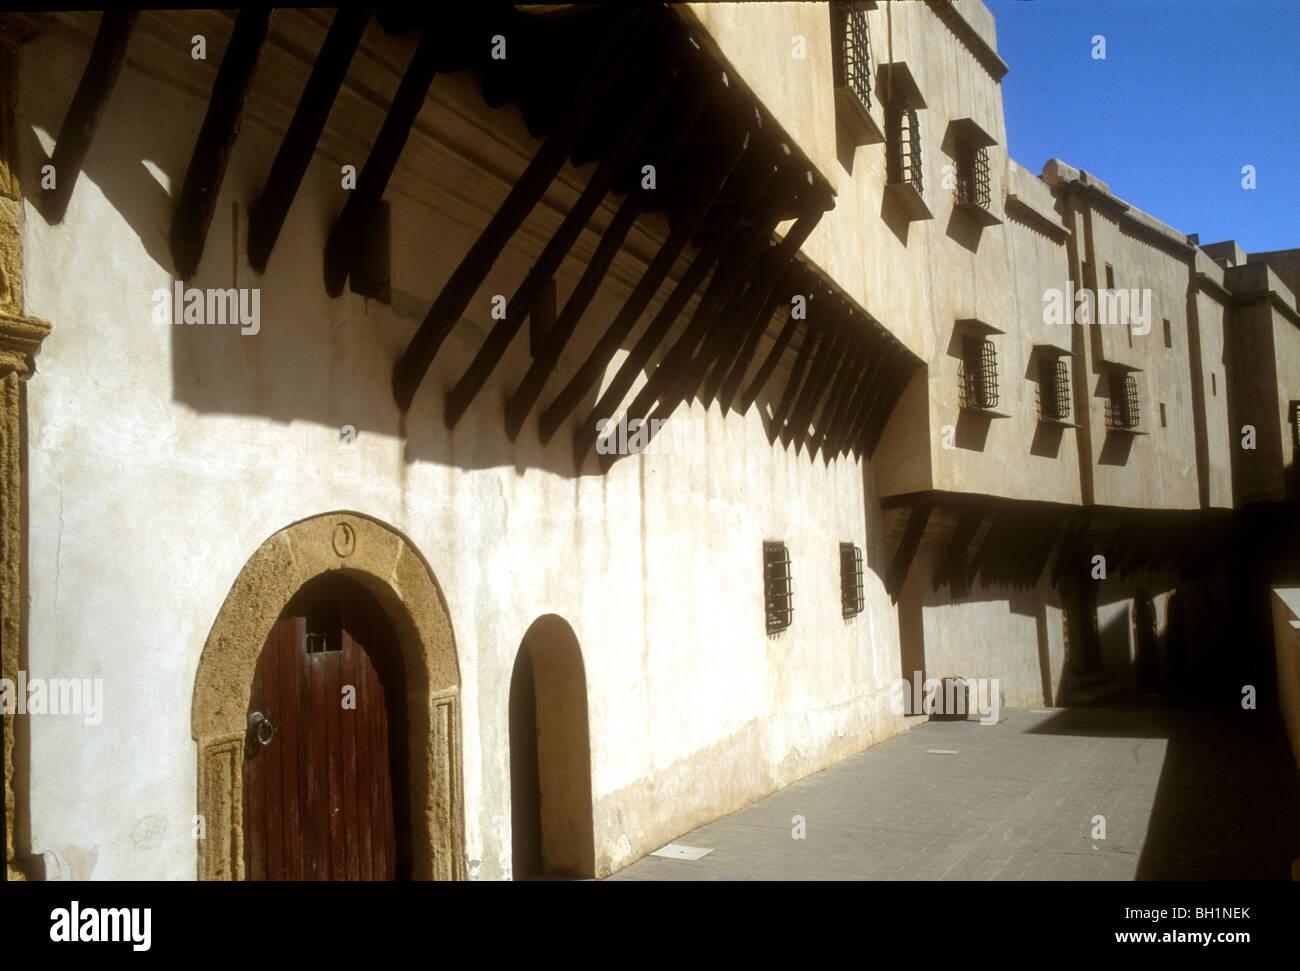 UN-Weltkulturerbe, restaurierte Häuser in der Kasbah von Algier, Algerien Stockbild